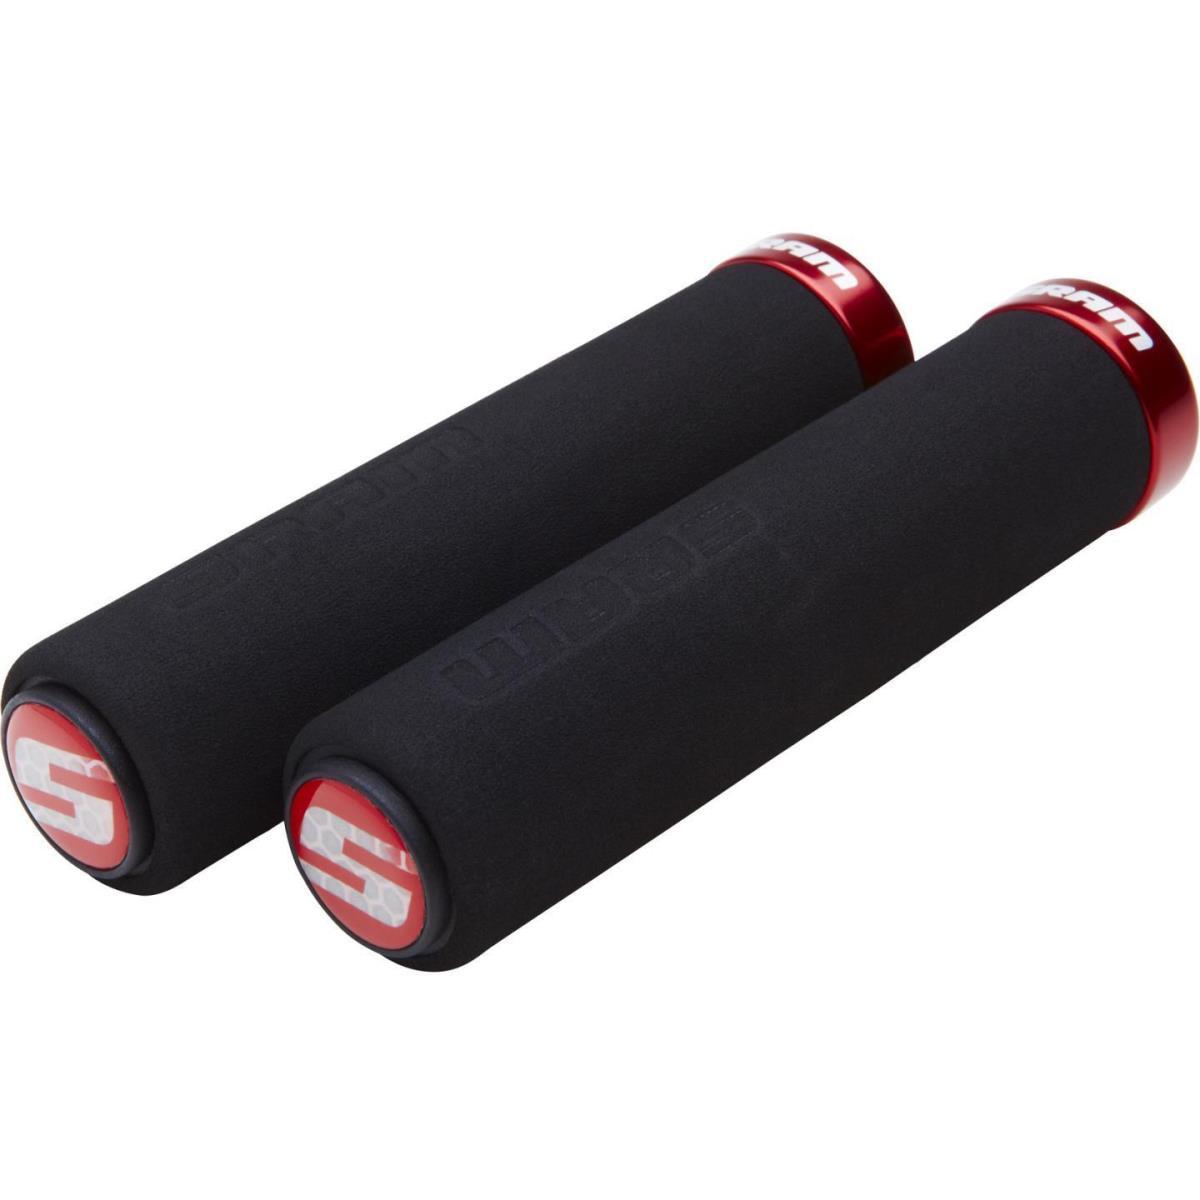 SRAM Lockring Griffe Schaumstoff Grips schwarz 129mm Klemme rot Gerades Profil,SRAM,00.7915.068.020, 710845666933